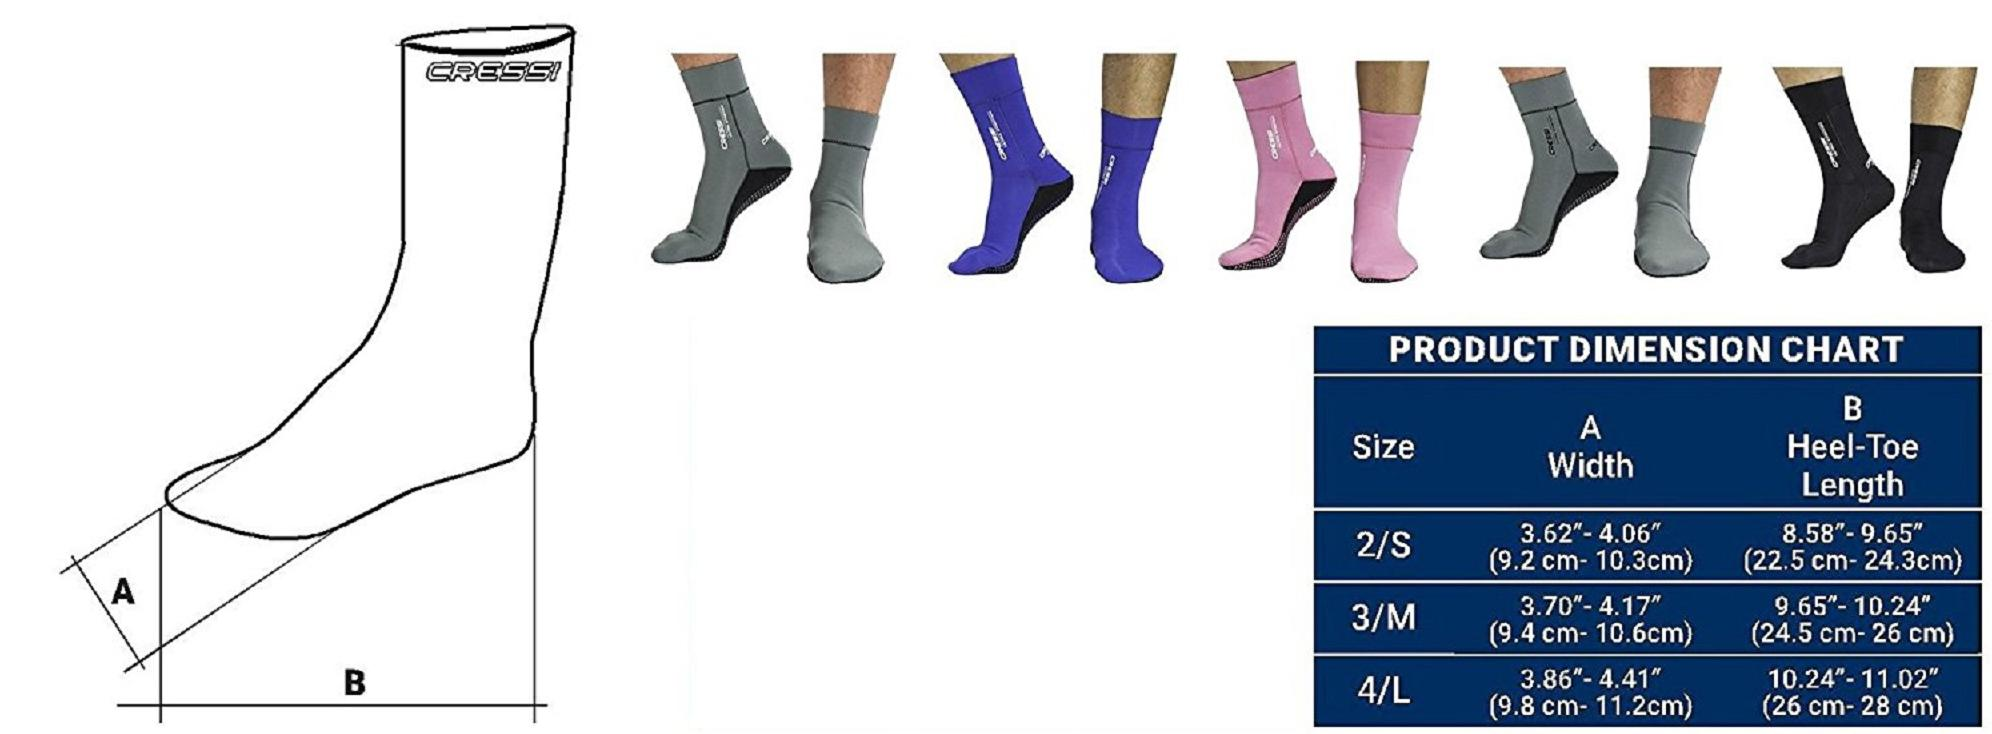 Cressi Black Neoprene Socks Resilient 5mm Ultra Stretch Neoprensocken